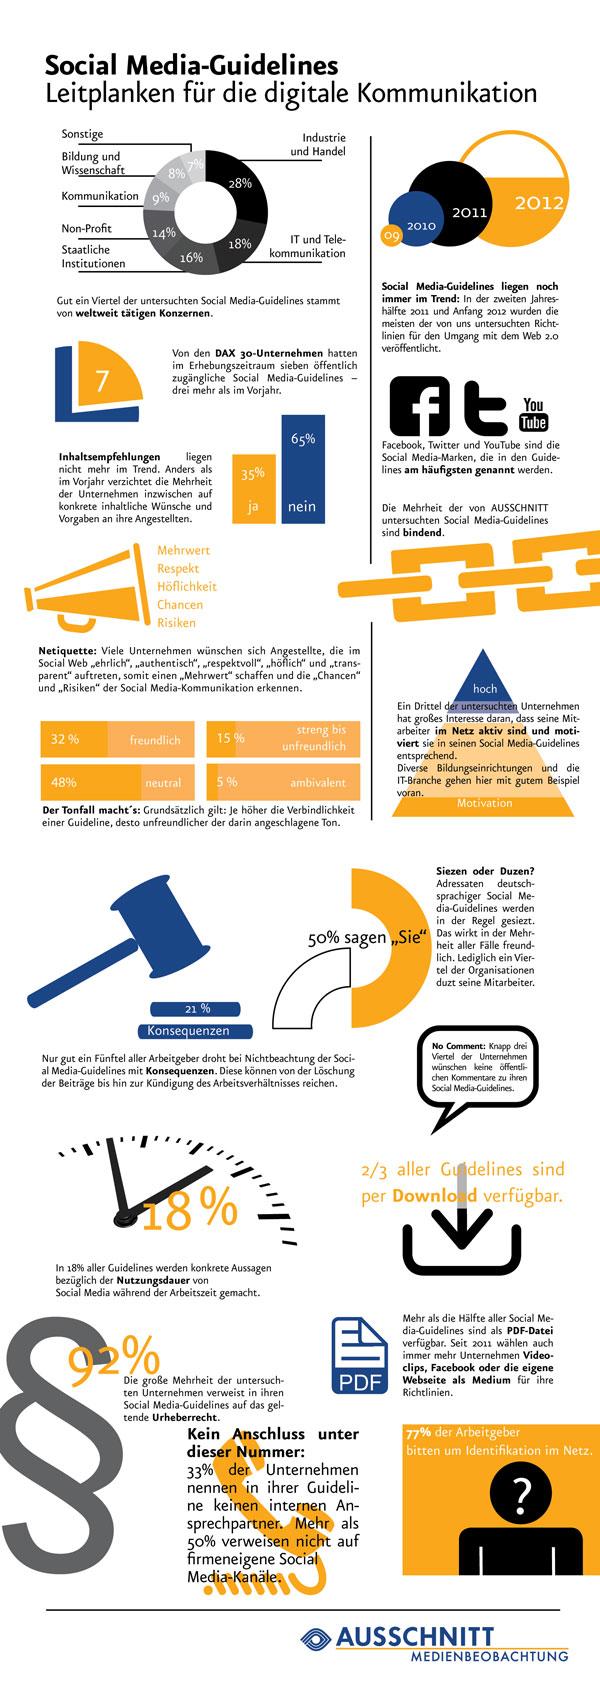 Social Media-Guidelines 2012 - Leitplanken für die digitale Kommunikation - AUSSCHNITT Medienbeobachtung